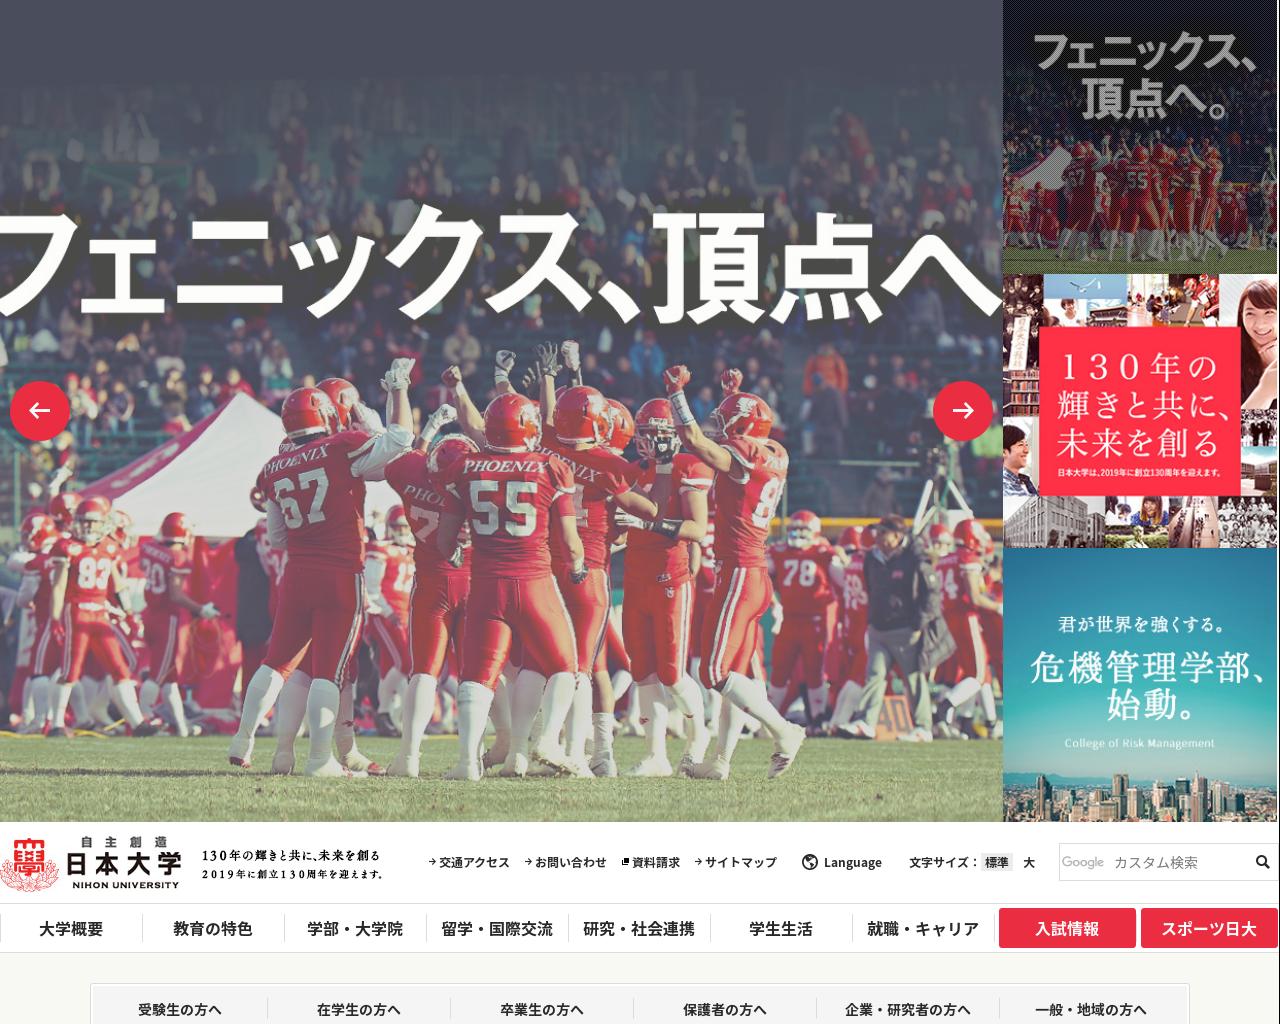 www.nihon-u.ac.jp(2018/05/13 07:20:39)